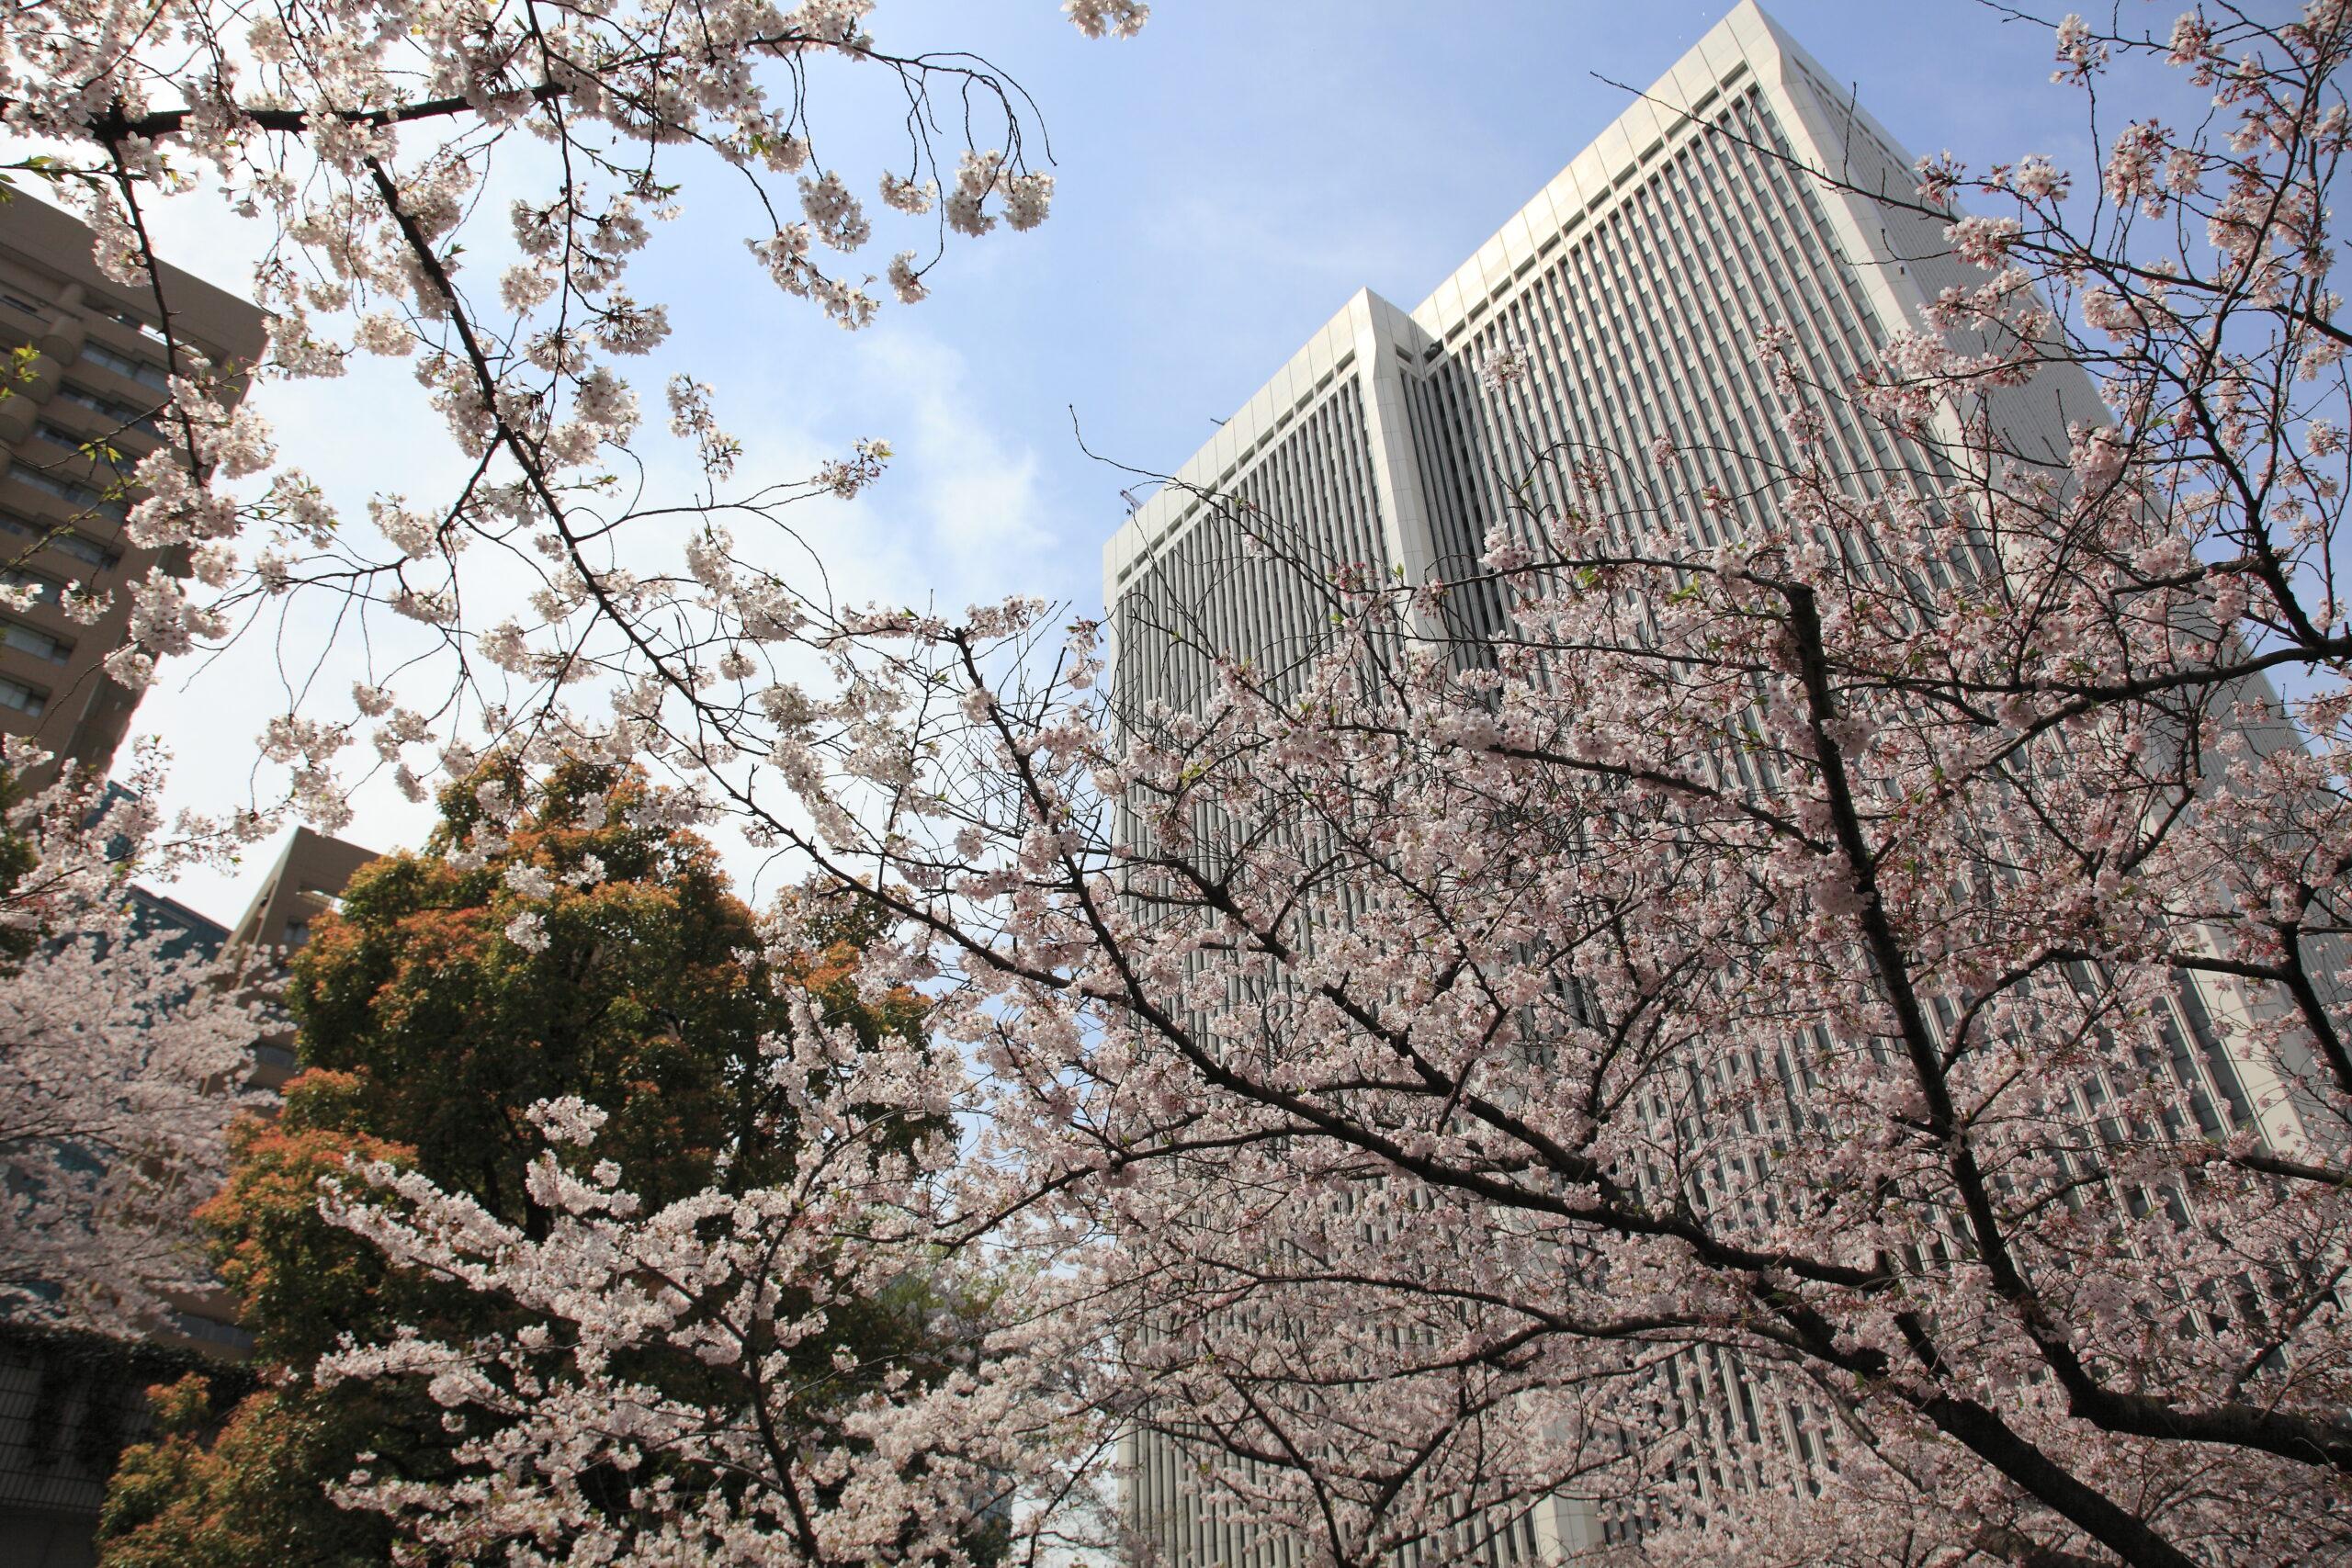 桜の名所・アークヒルズで春の味覚 「さくらグルメフェア2021」開催 テイクアウトでも楽しめる20品以上をラインナップ